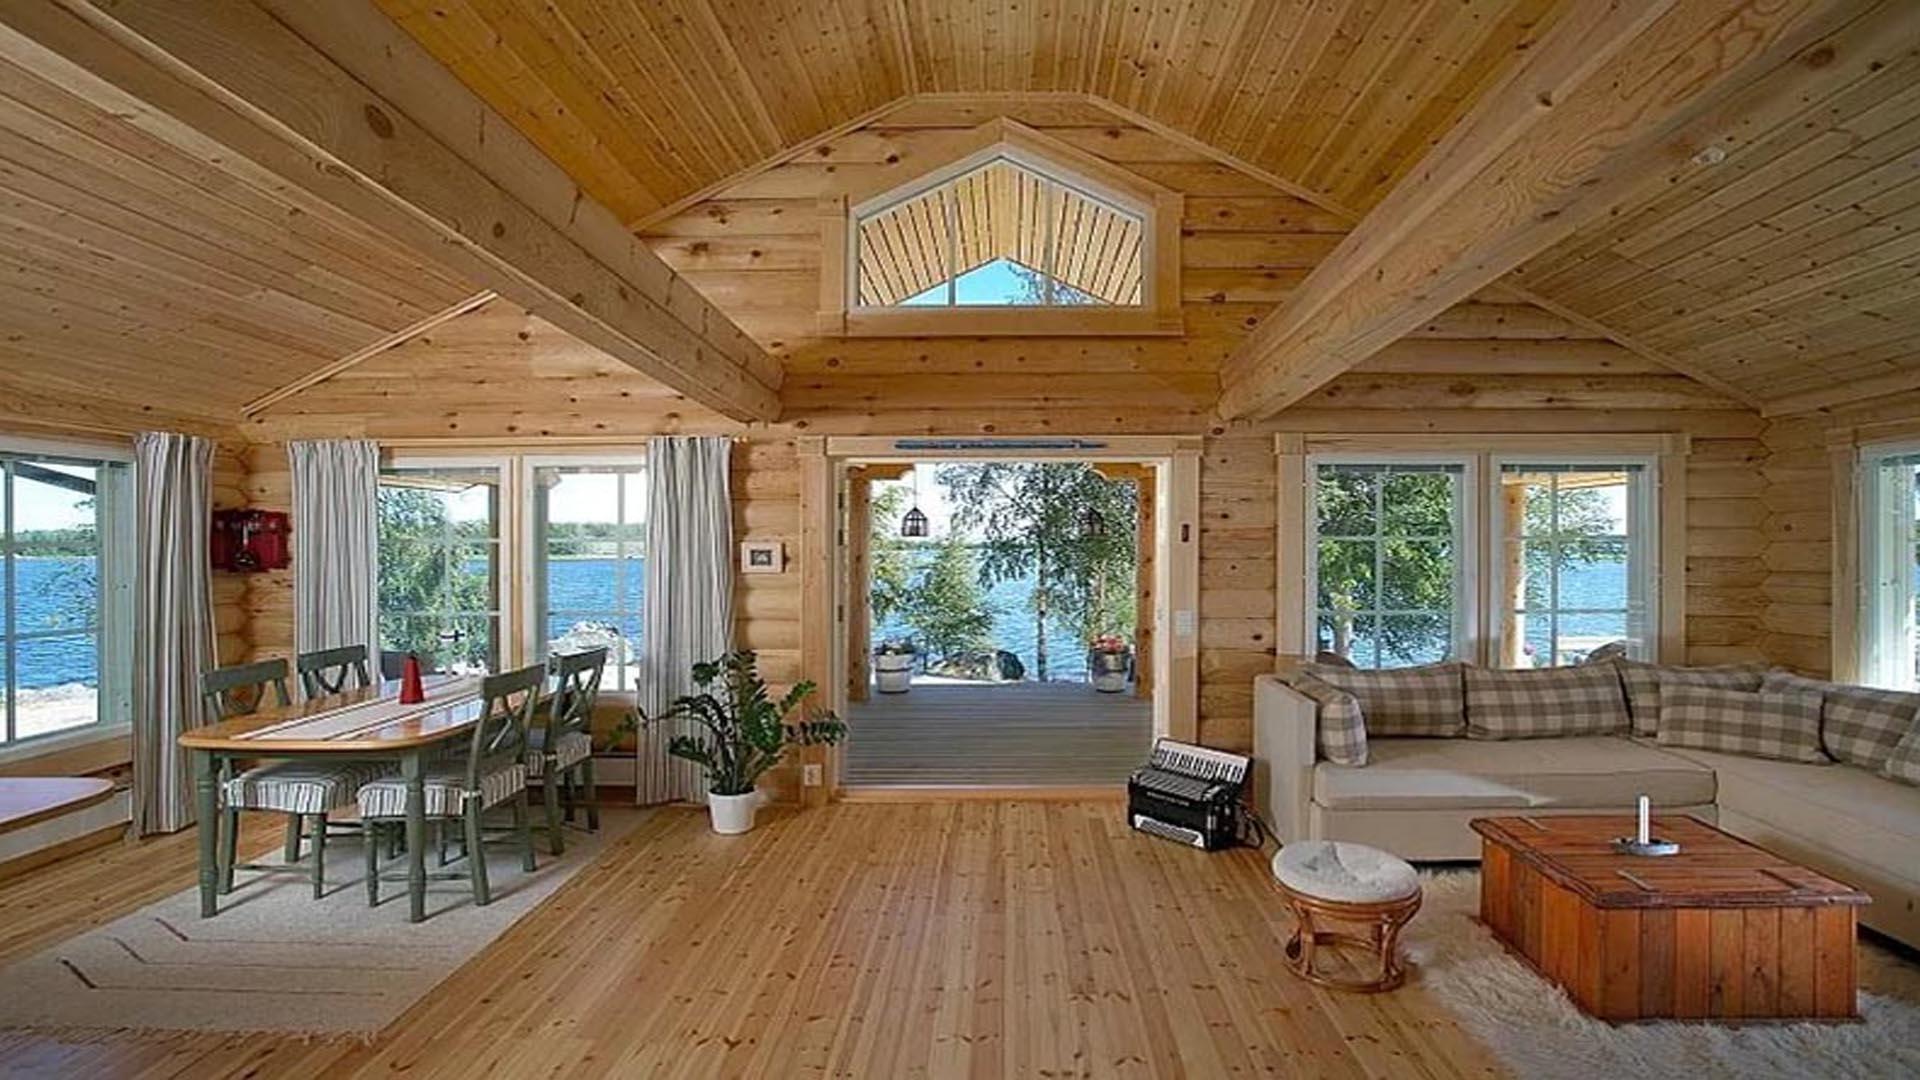 Интерьер финского одноэтажного дома - дерево и ничего кроме дерева